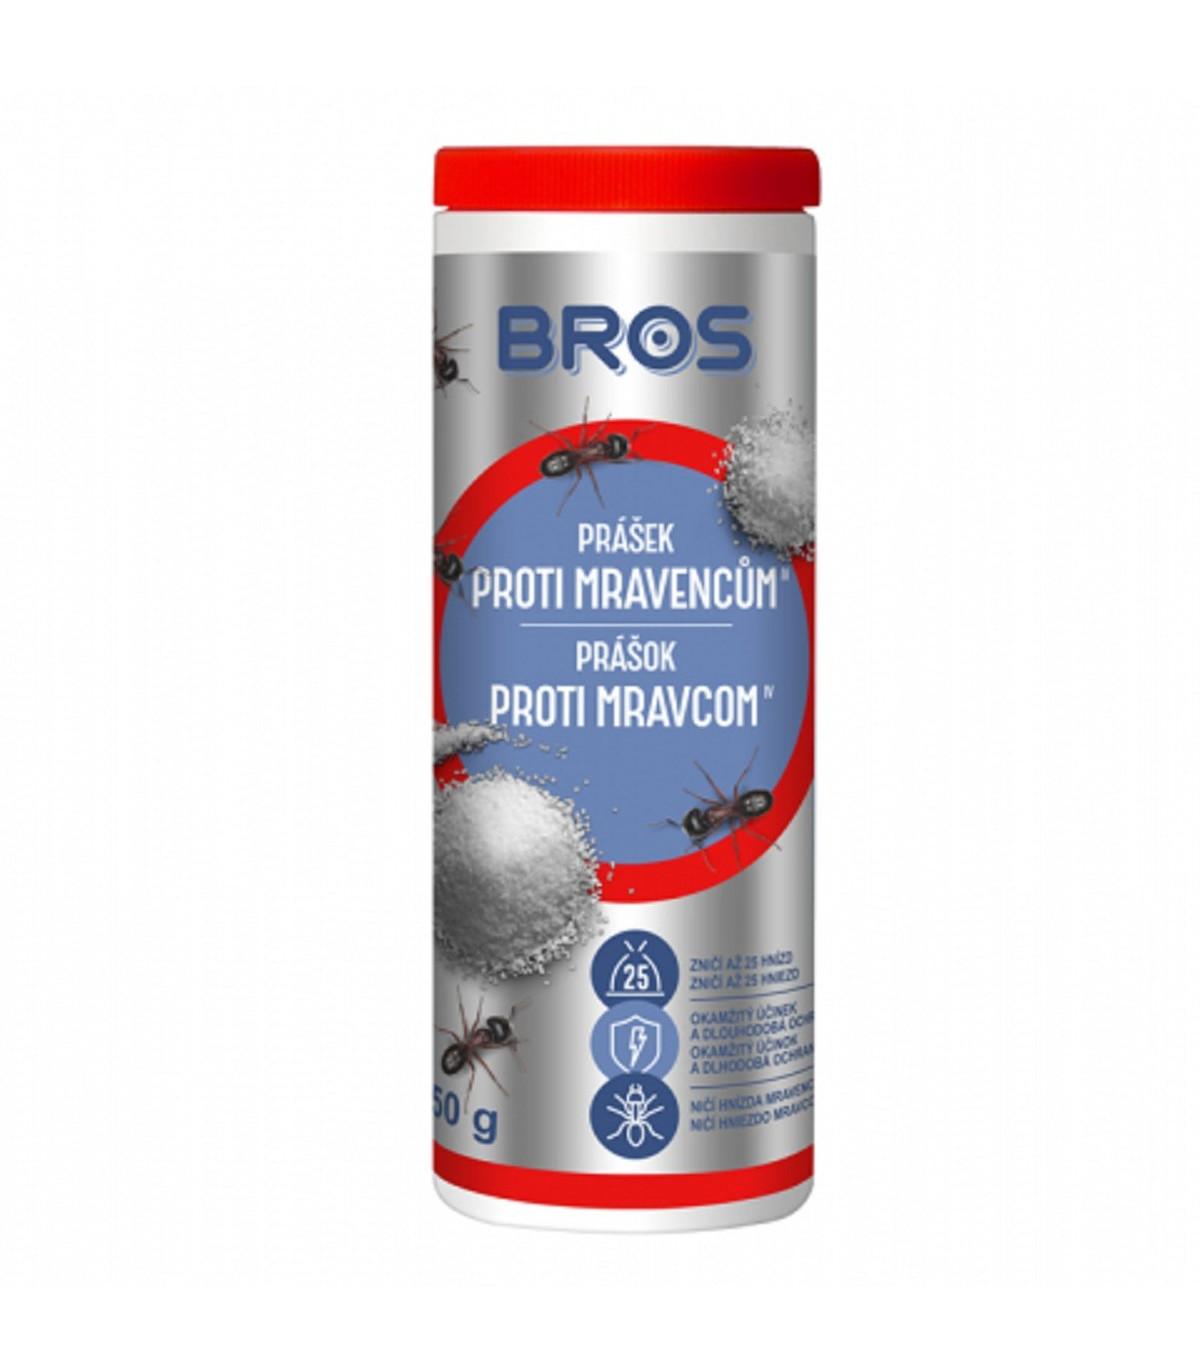 Prášek proti mravencům - Bros - 250 g